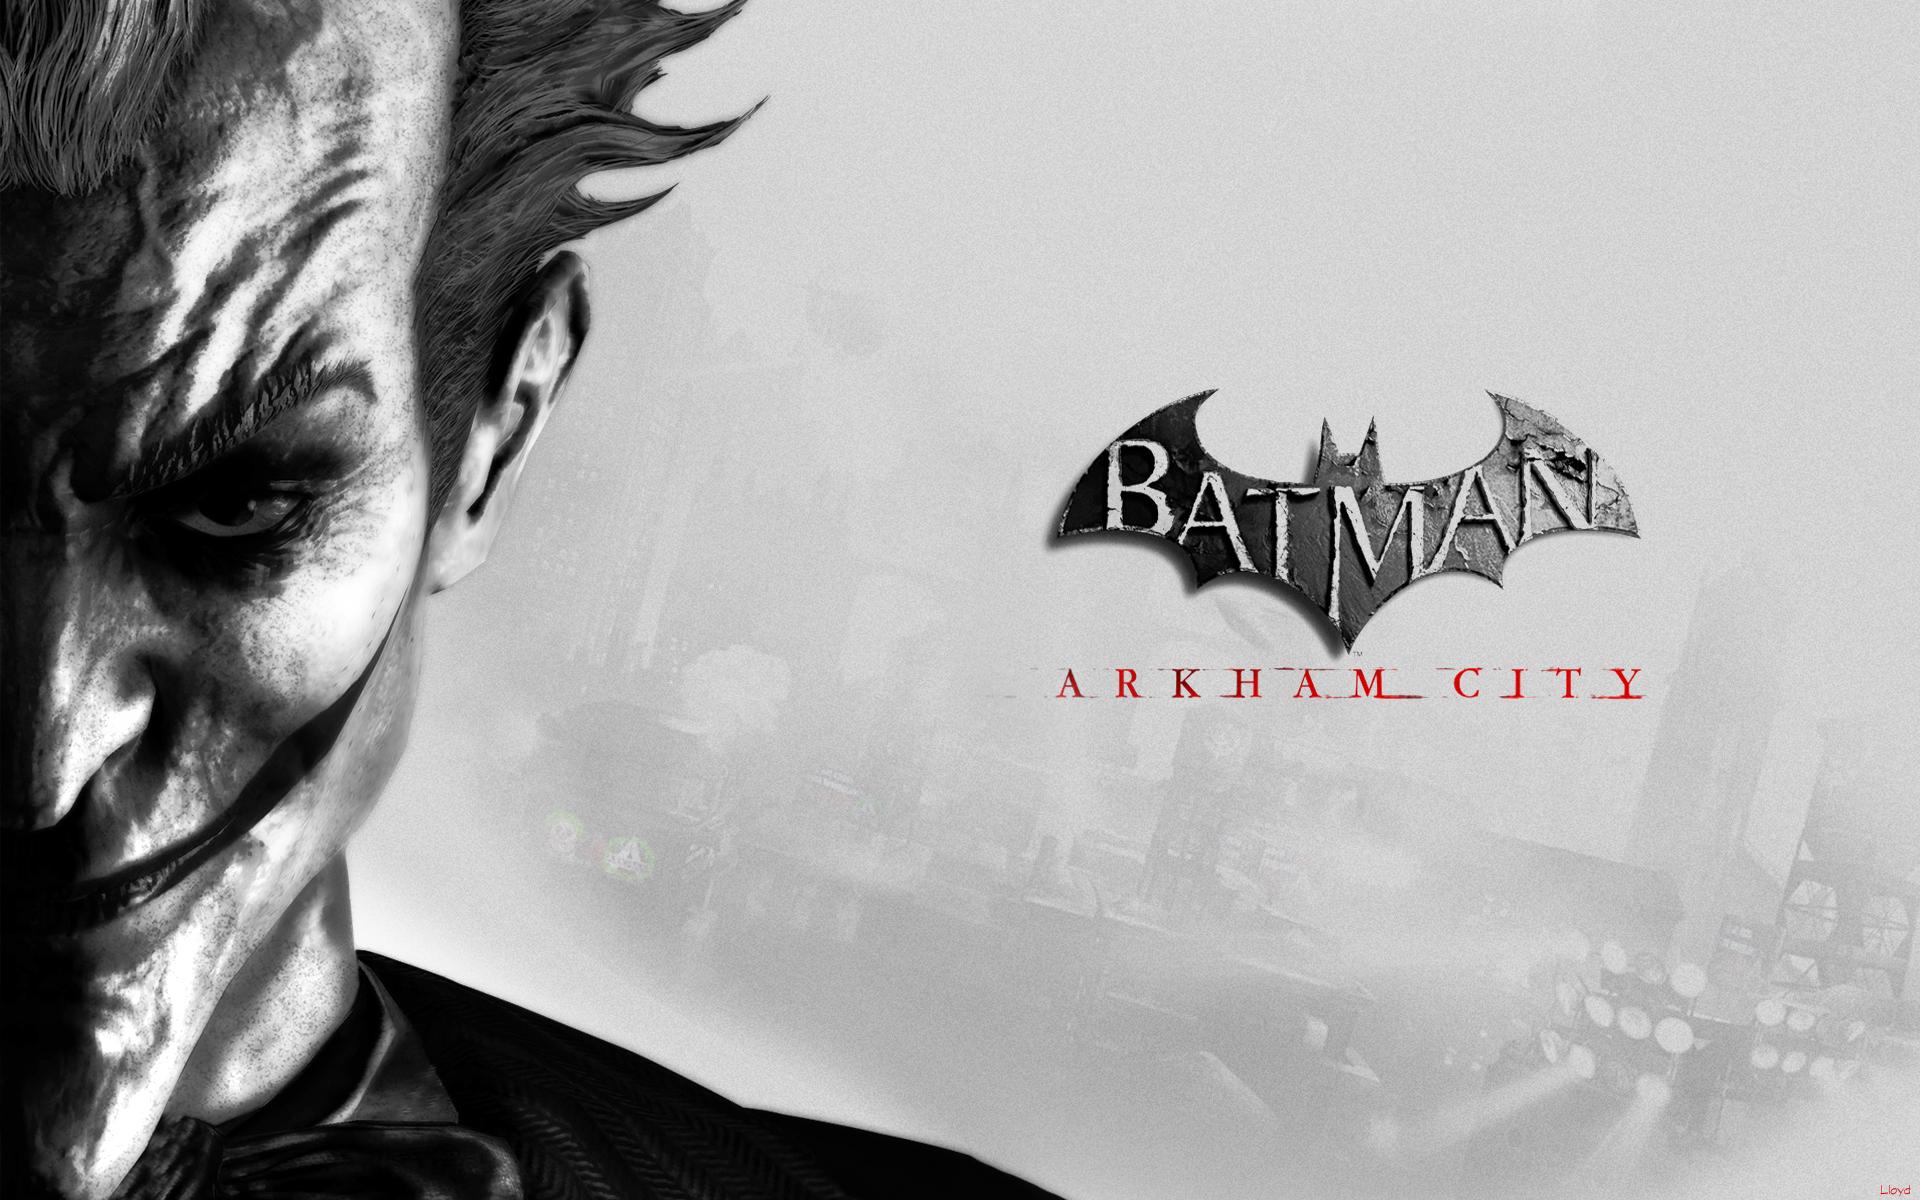 Batman Arkham Origins Joker Voice 960703 Hd Wallpaper